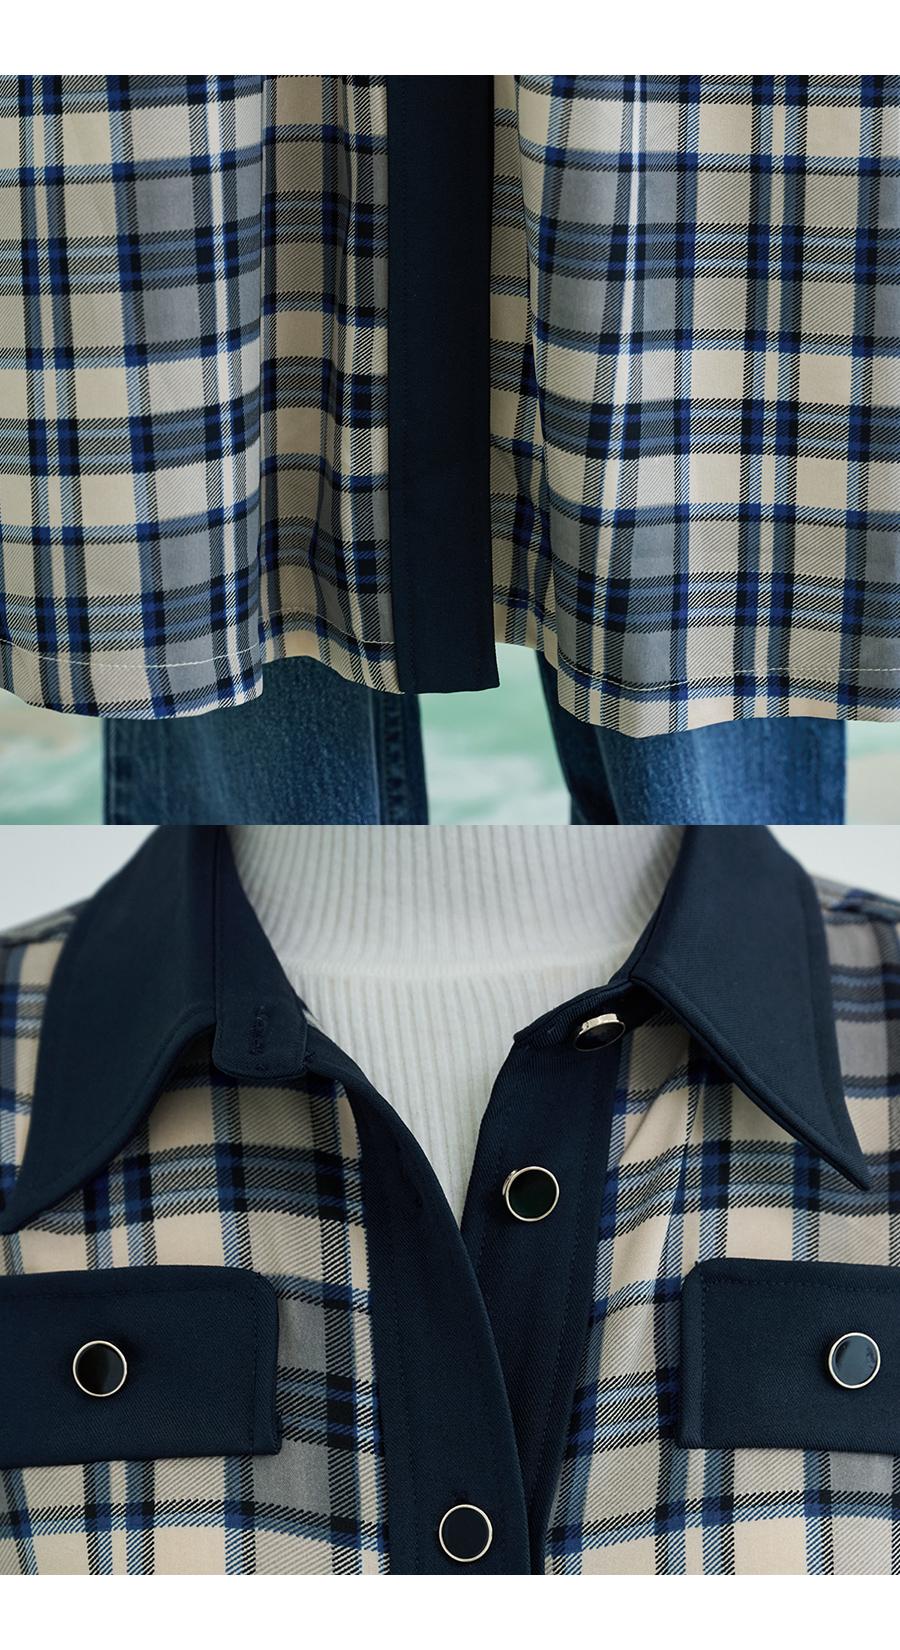 제너럴아이디어 스탠다드(GENERALIDEA STANDARD) 체크 셔츠 원피스 [BLUE] / S21W04007